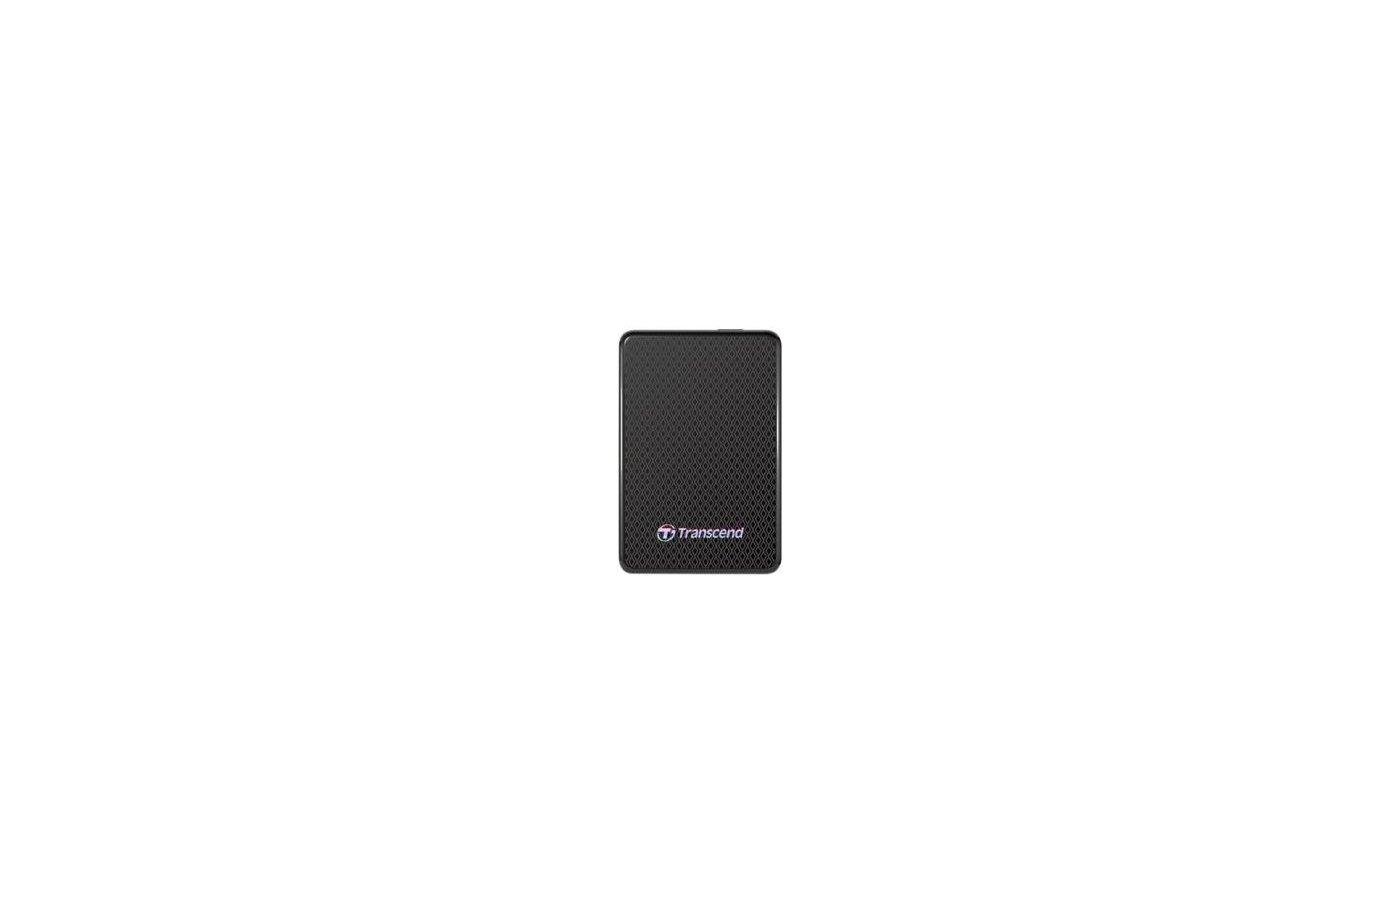 """Внешний жесткий диск Transcend TS1TESD400K 1TB, 2.5"""" SSD, USB 3.0, MLC"""